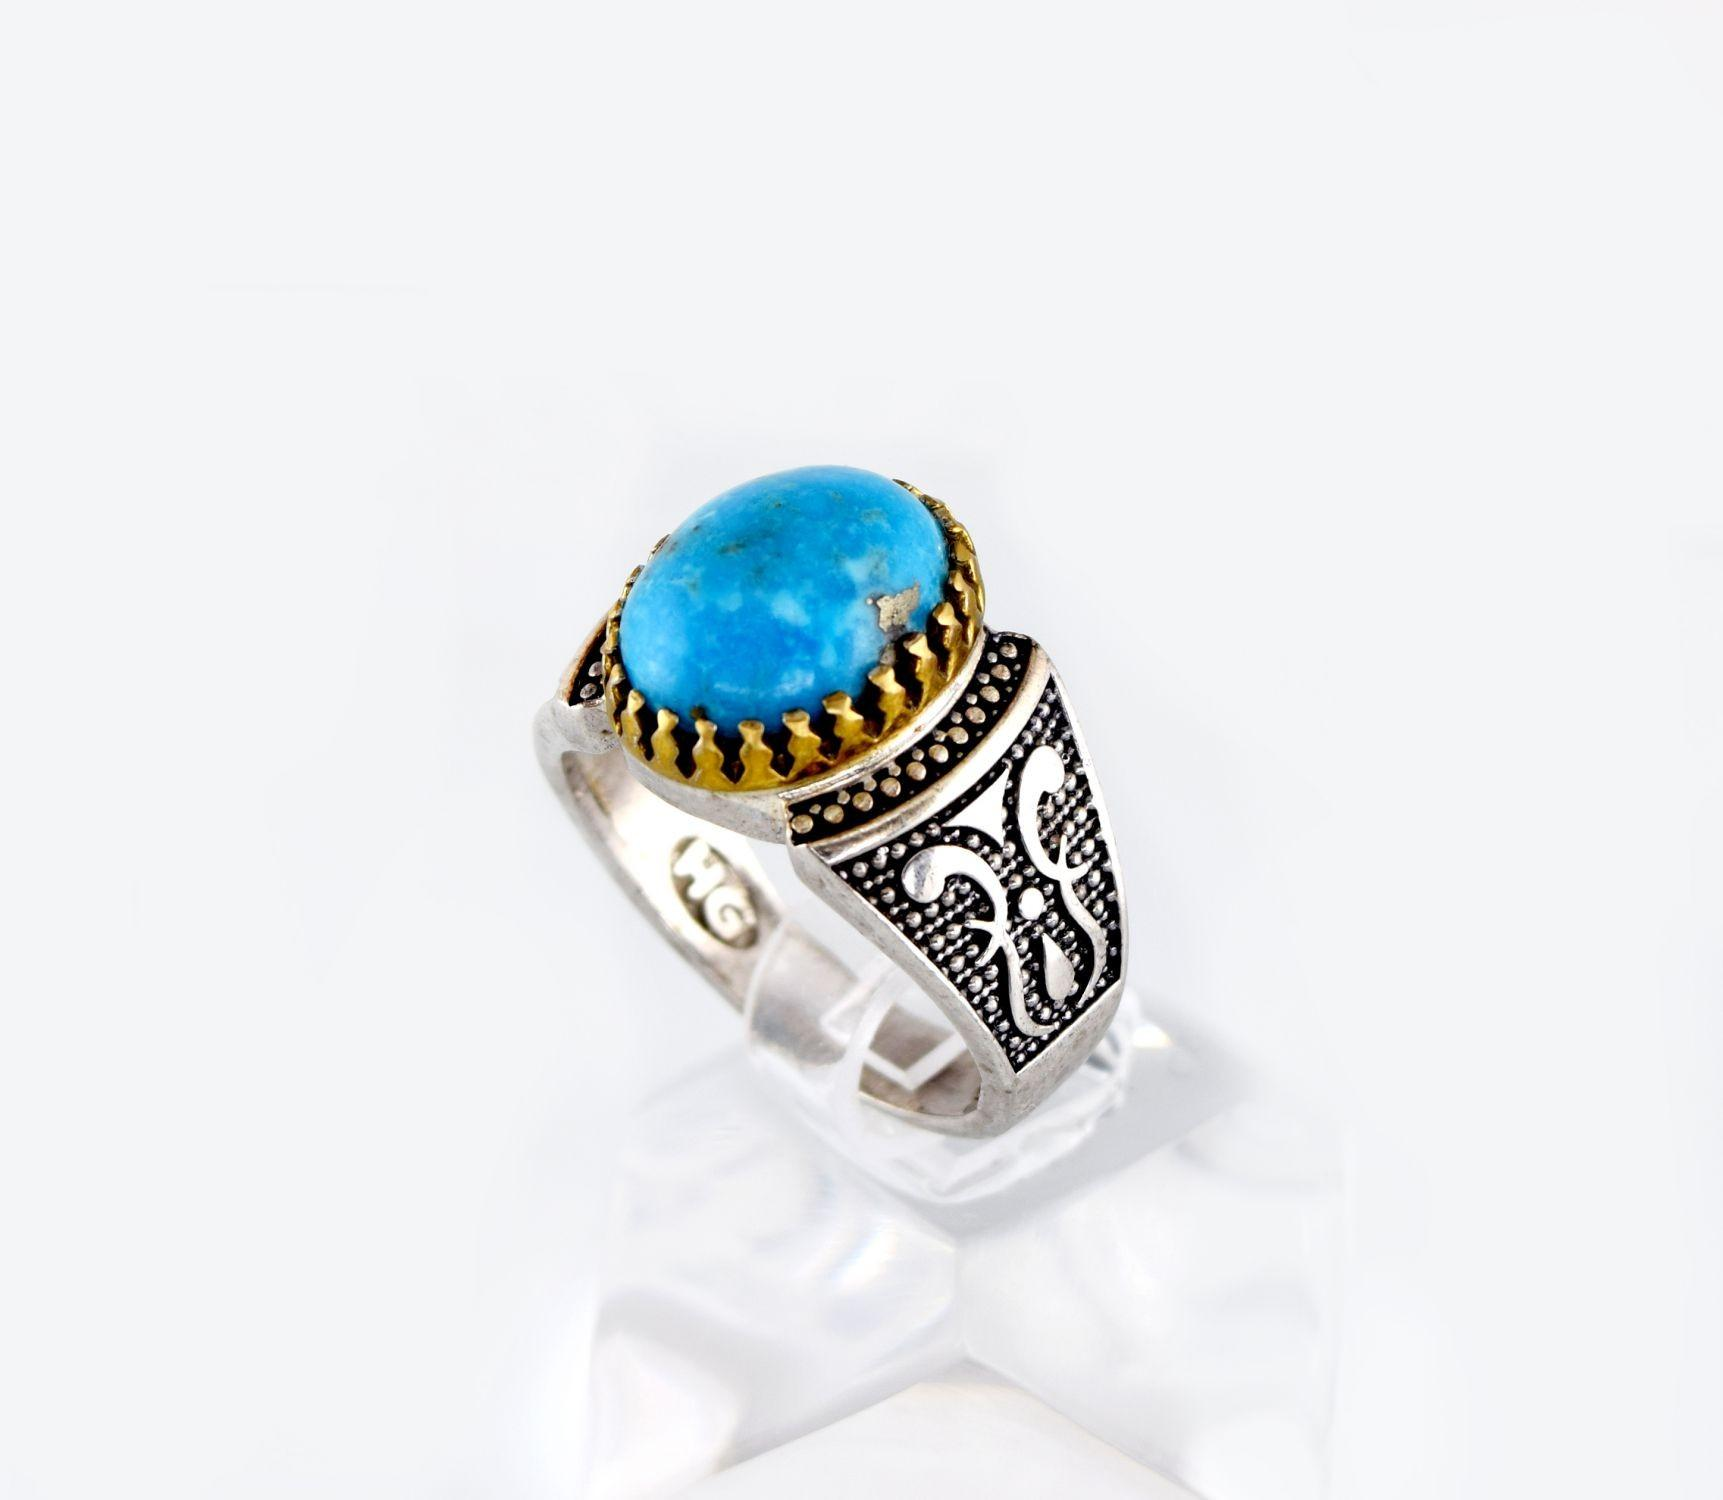 انگشتر مردانه نقره با نگین فیروزه اصل نیشابور rg-n270 از نمای روبرو